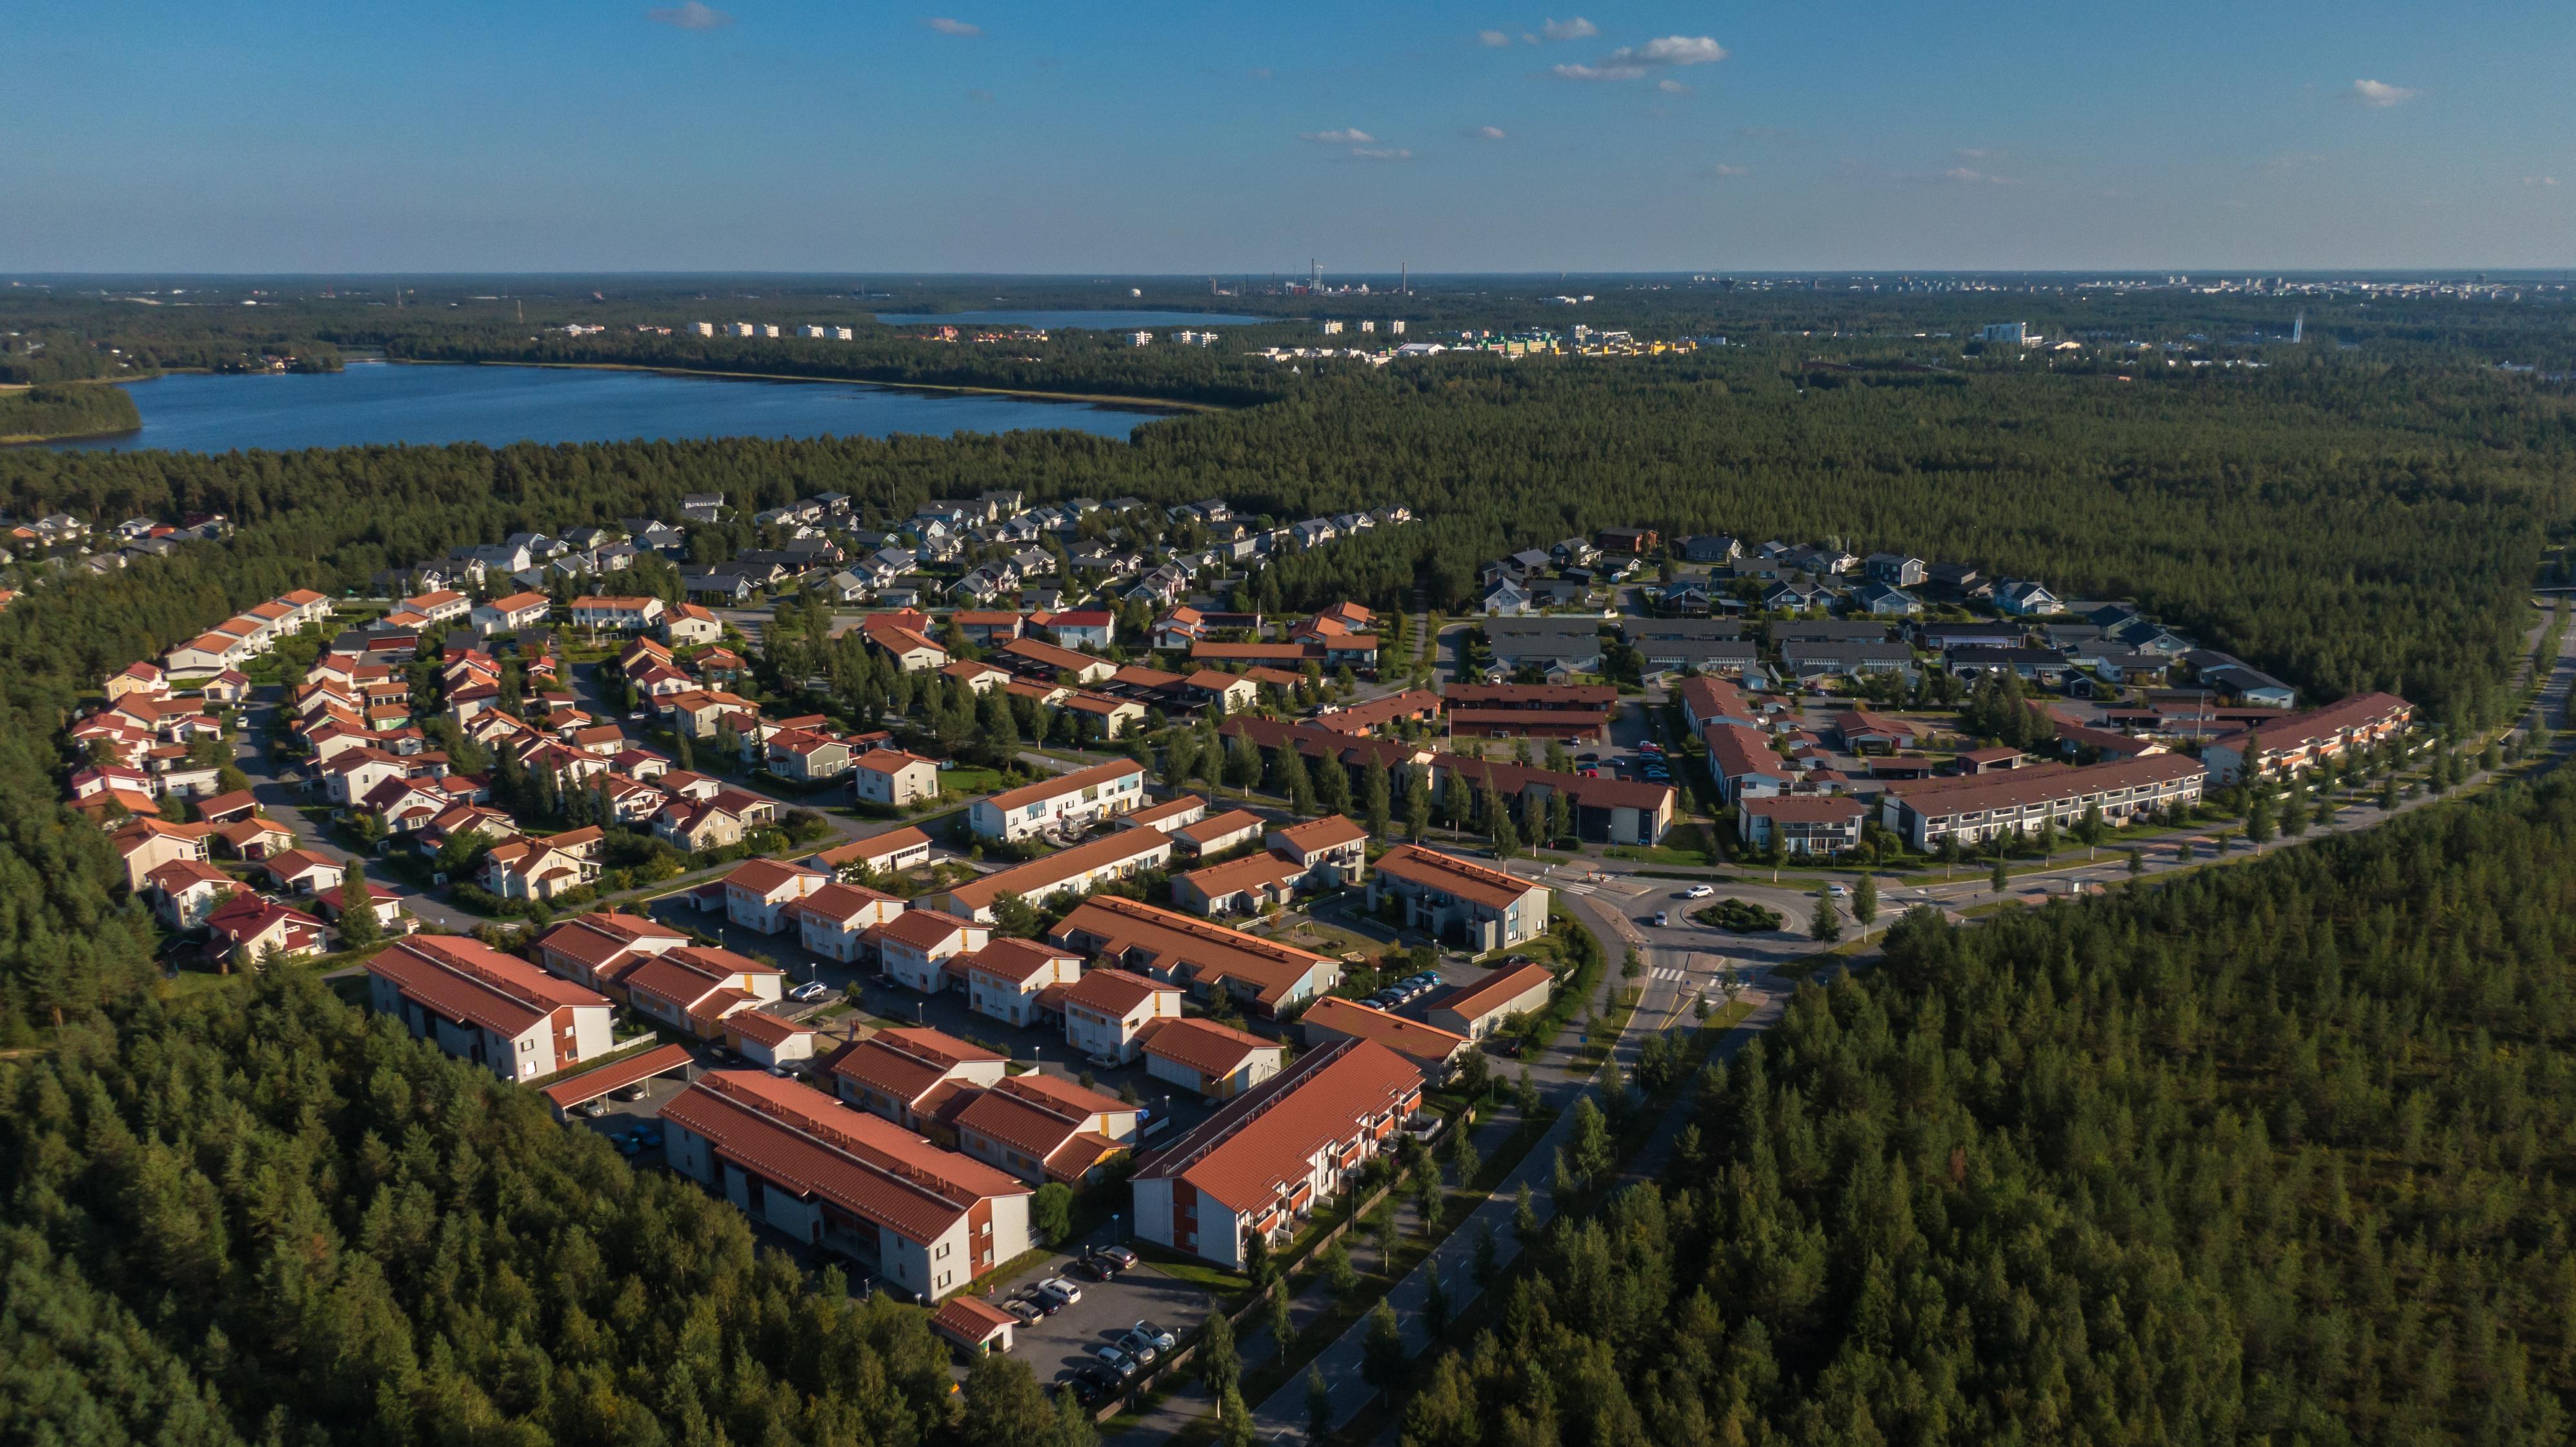 Oulun Kuivasrannasta otettu ilmakuva. Punakattoisia taloja ikään kuin puolikaaren muodossa. Ympärillä metsää, taustalla näkyy pieni Kuivasjärvi.